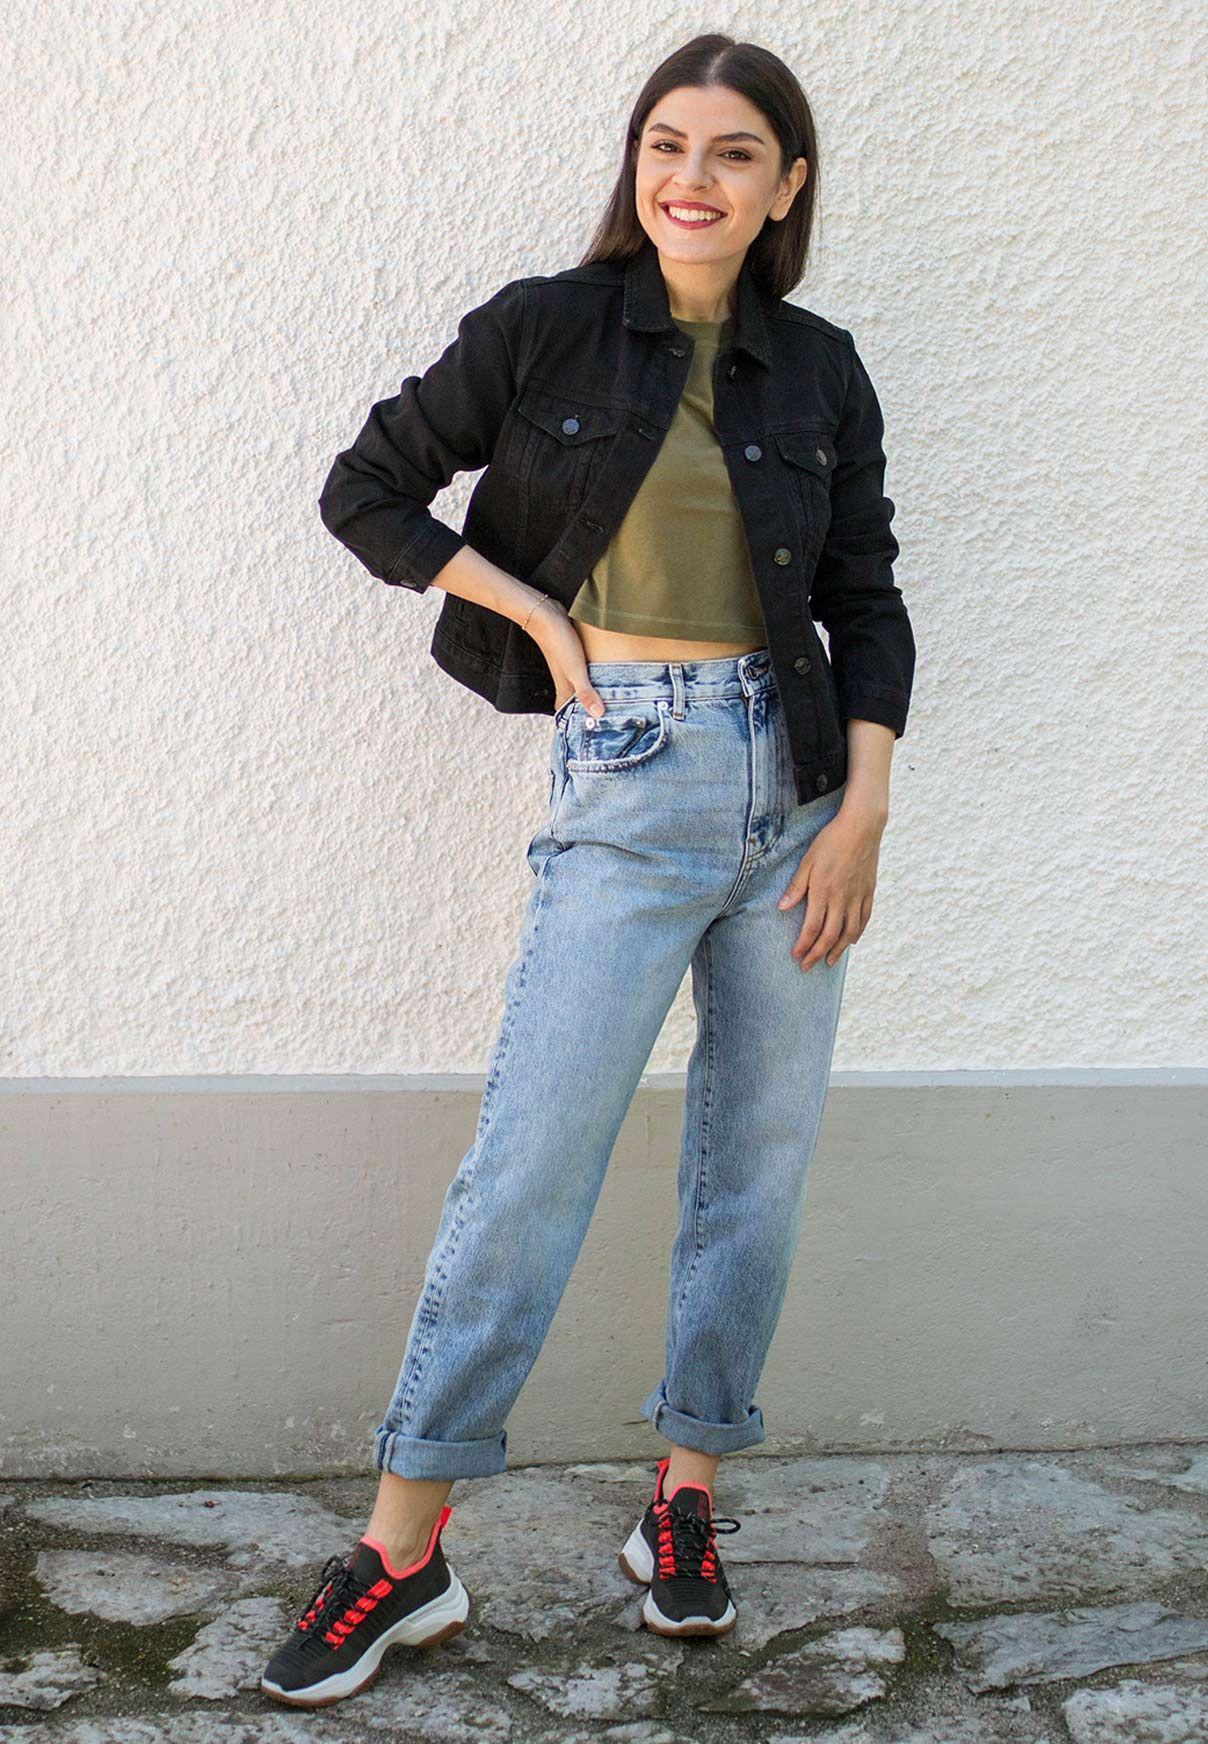 Wie kann man diese Jacke kombinieren außer mit schwarzer